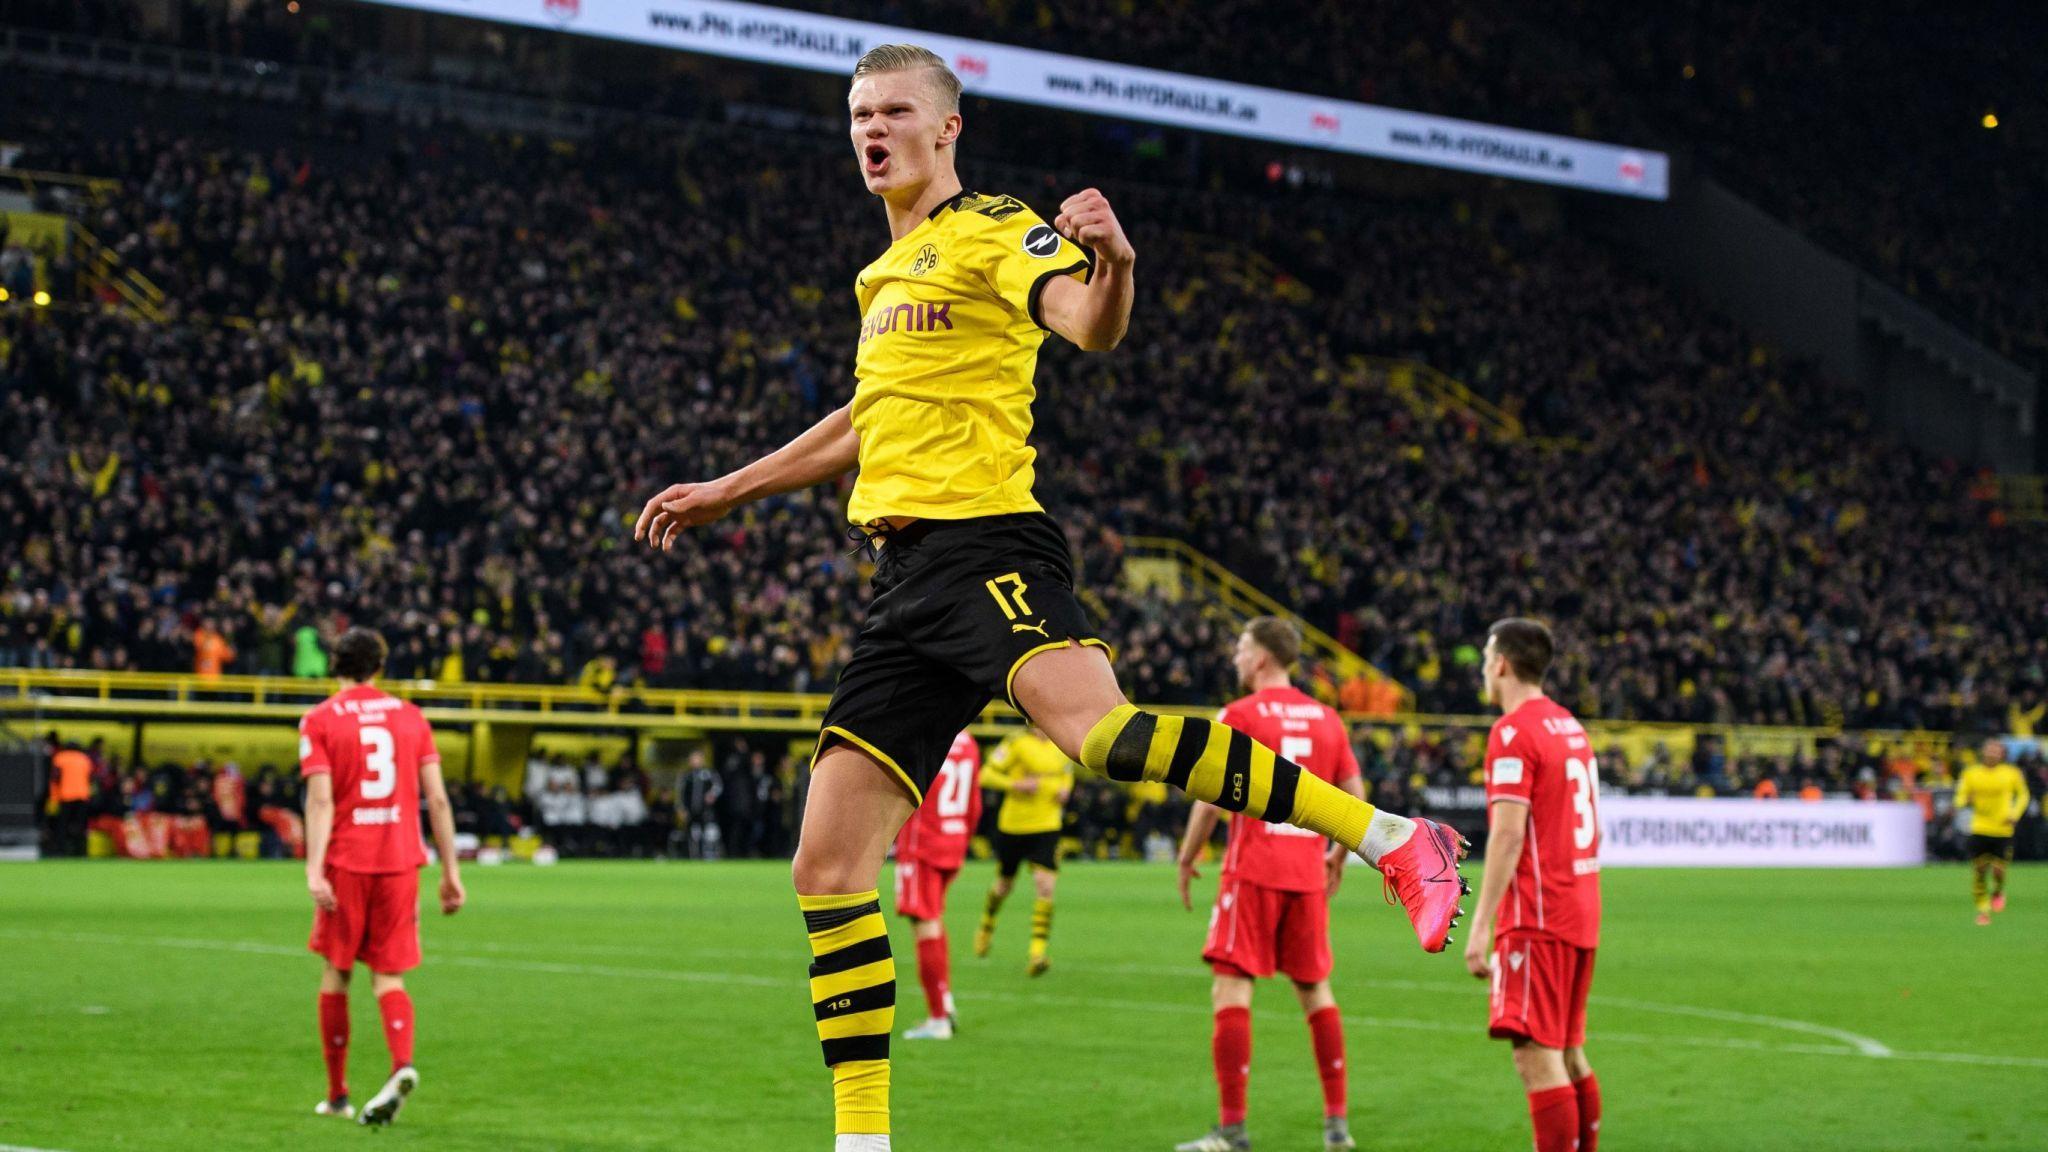 Leverkusen vs Dortmund Free Betting Tips